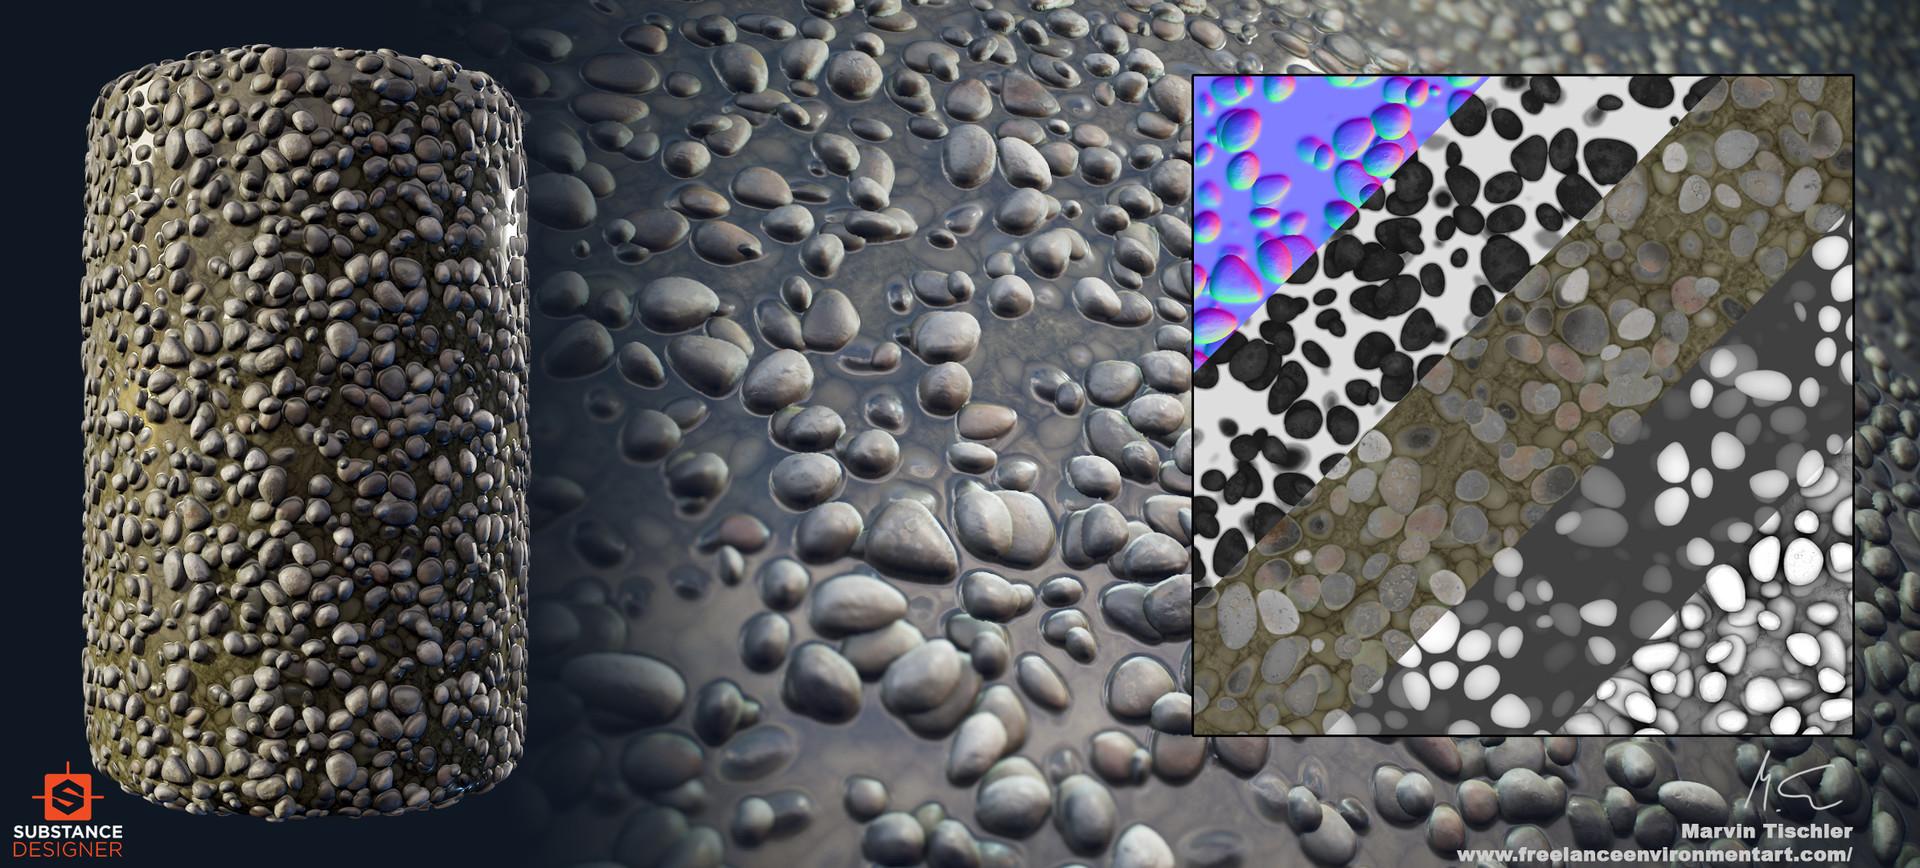 Marvin tischler procedual textures 002 c